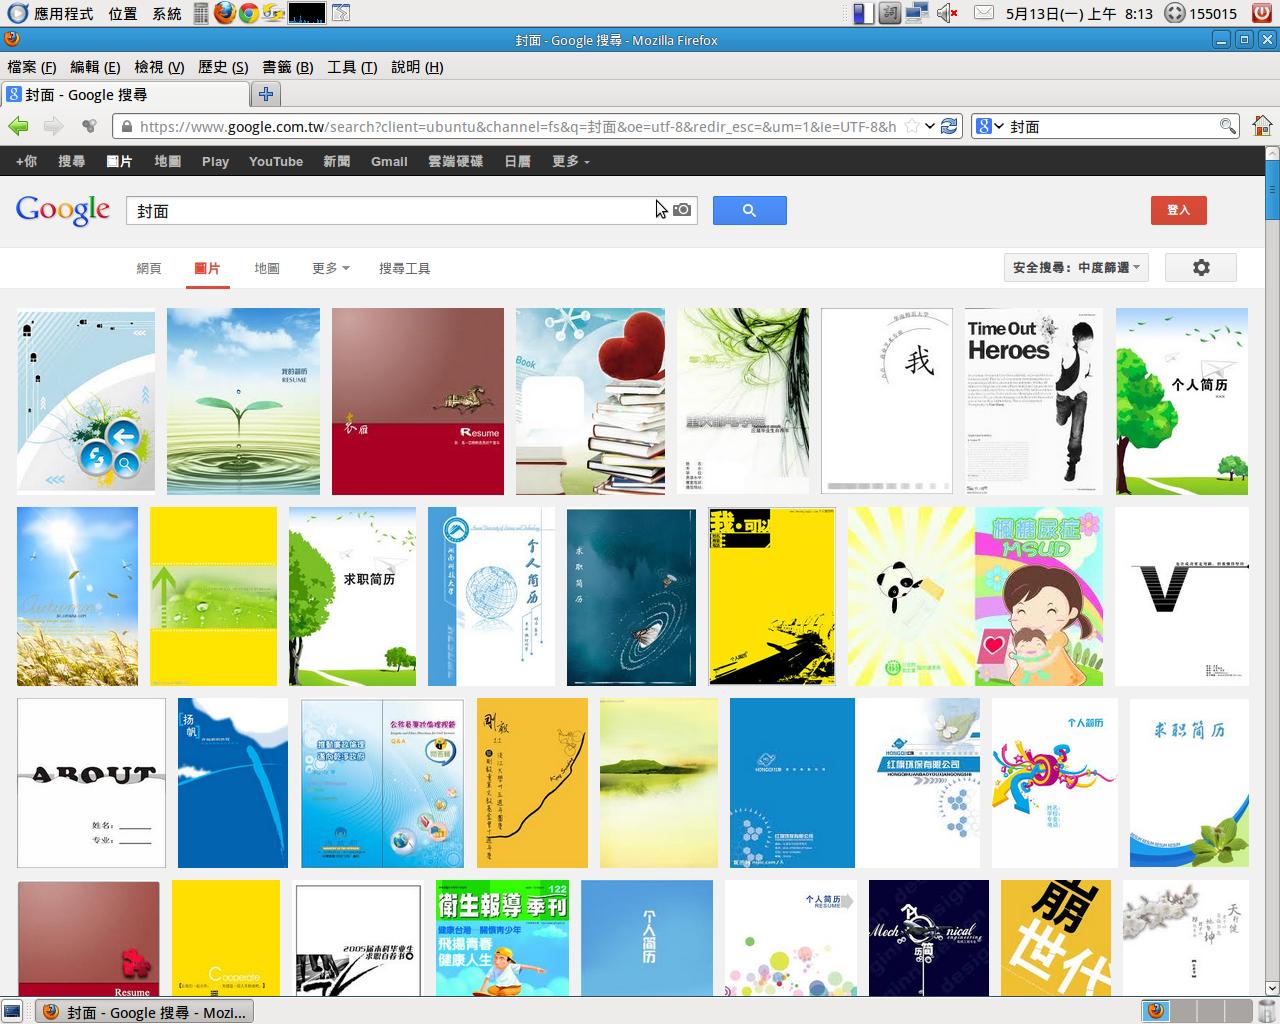 網路搜尋封面設計範例 - ㄚ正的家